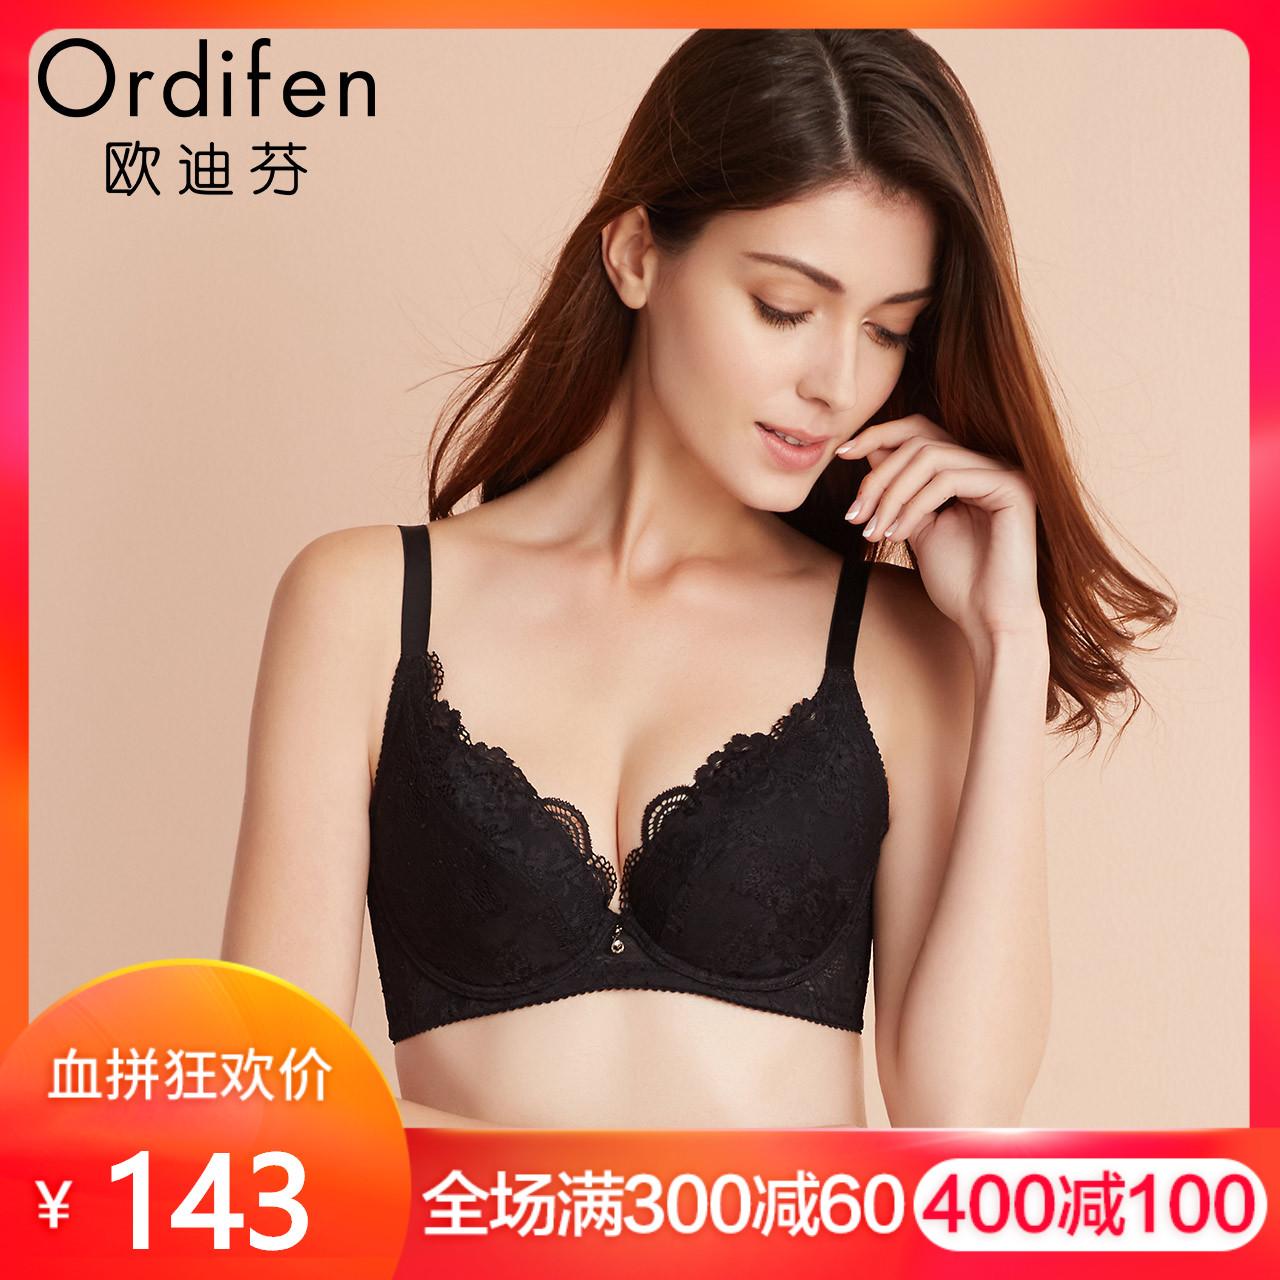 欧迪芬女士内衣 性感蕾丝胸罩刺绣薄款聚拢上托美背文胸XB6330S